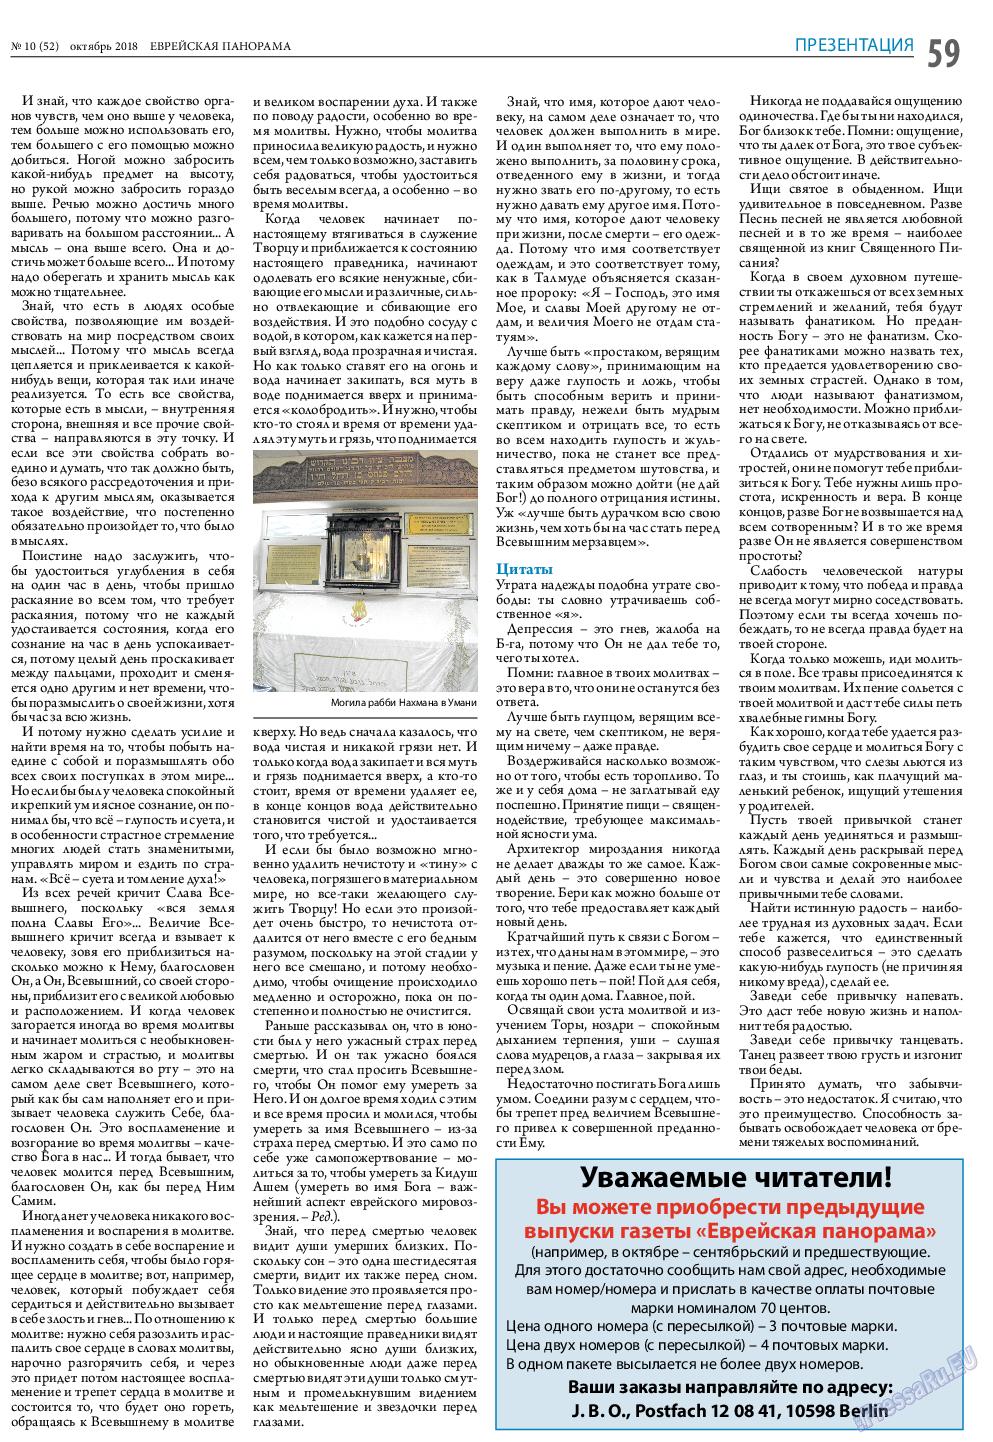 Еврейская панорама (газета). 2018 год, номер 10, стр. 59